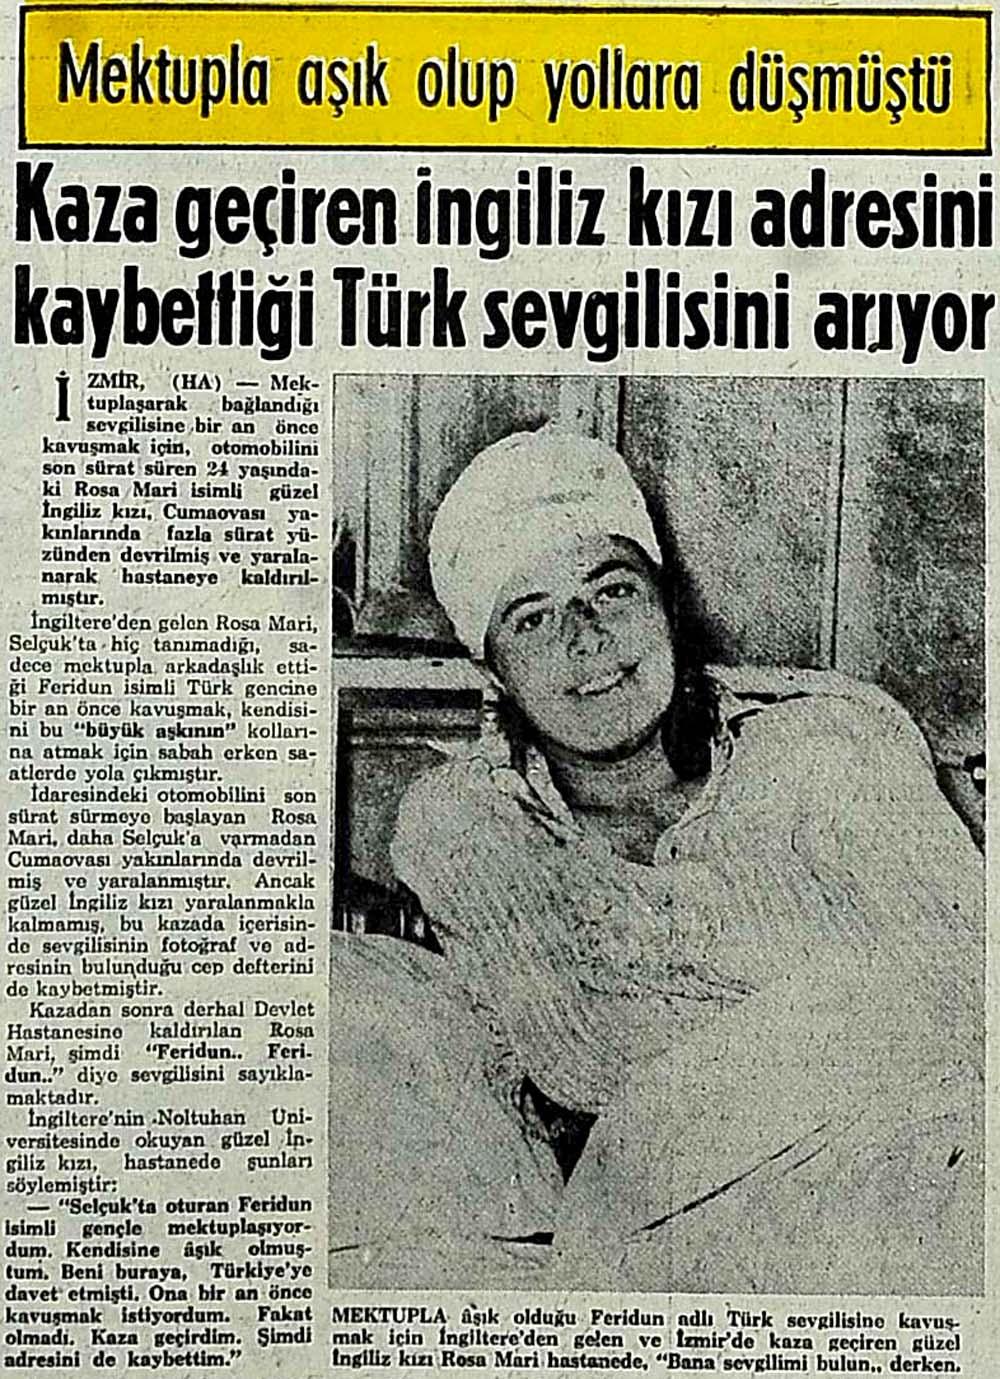 Kaza geçiren İngiliz kızı adresini kaybettiği Türk sevgilisini arıyor